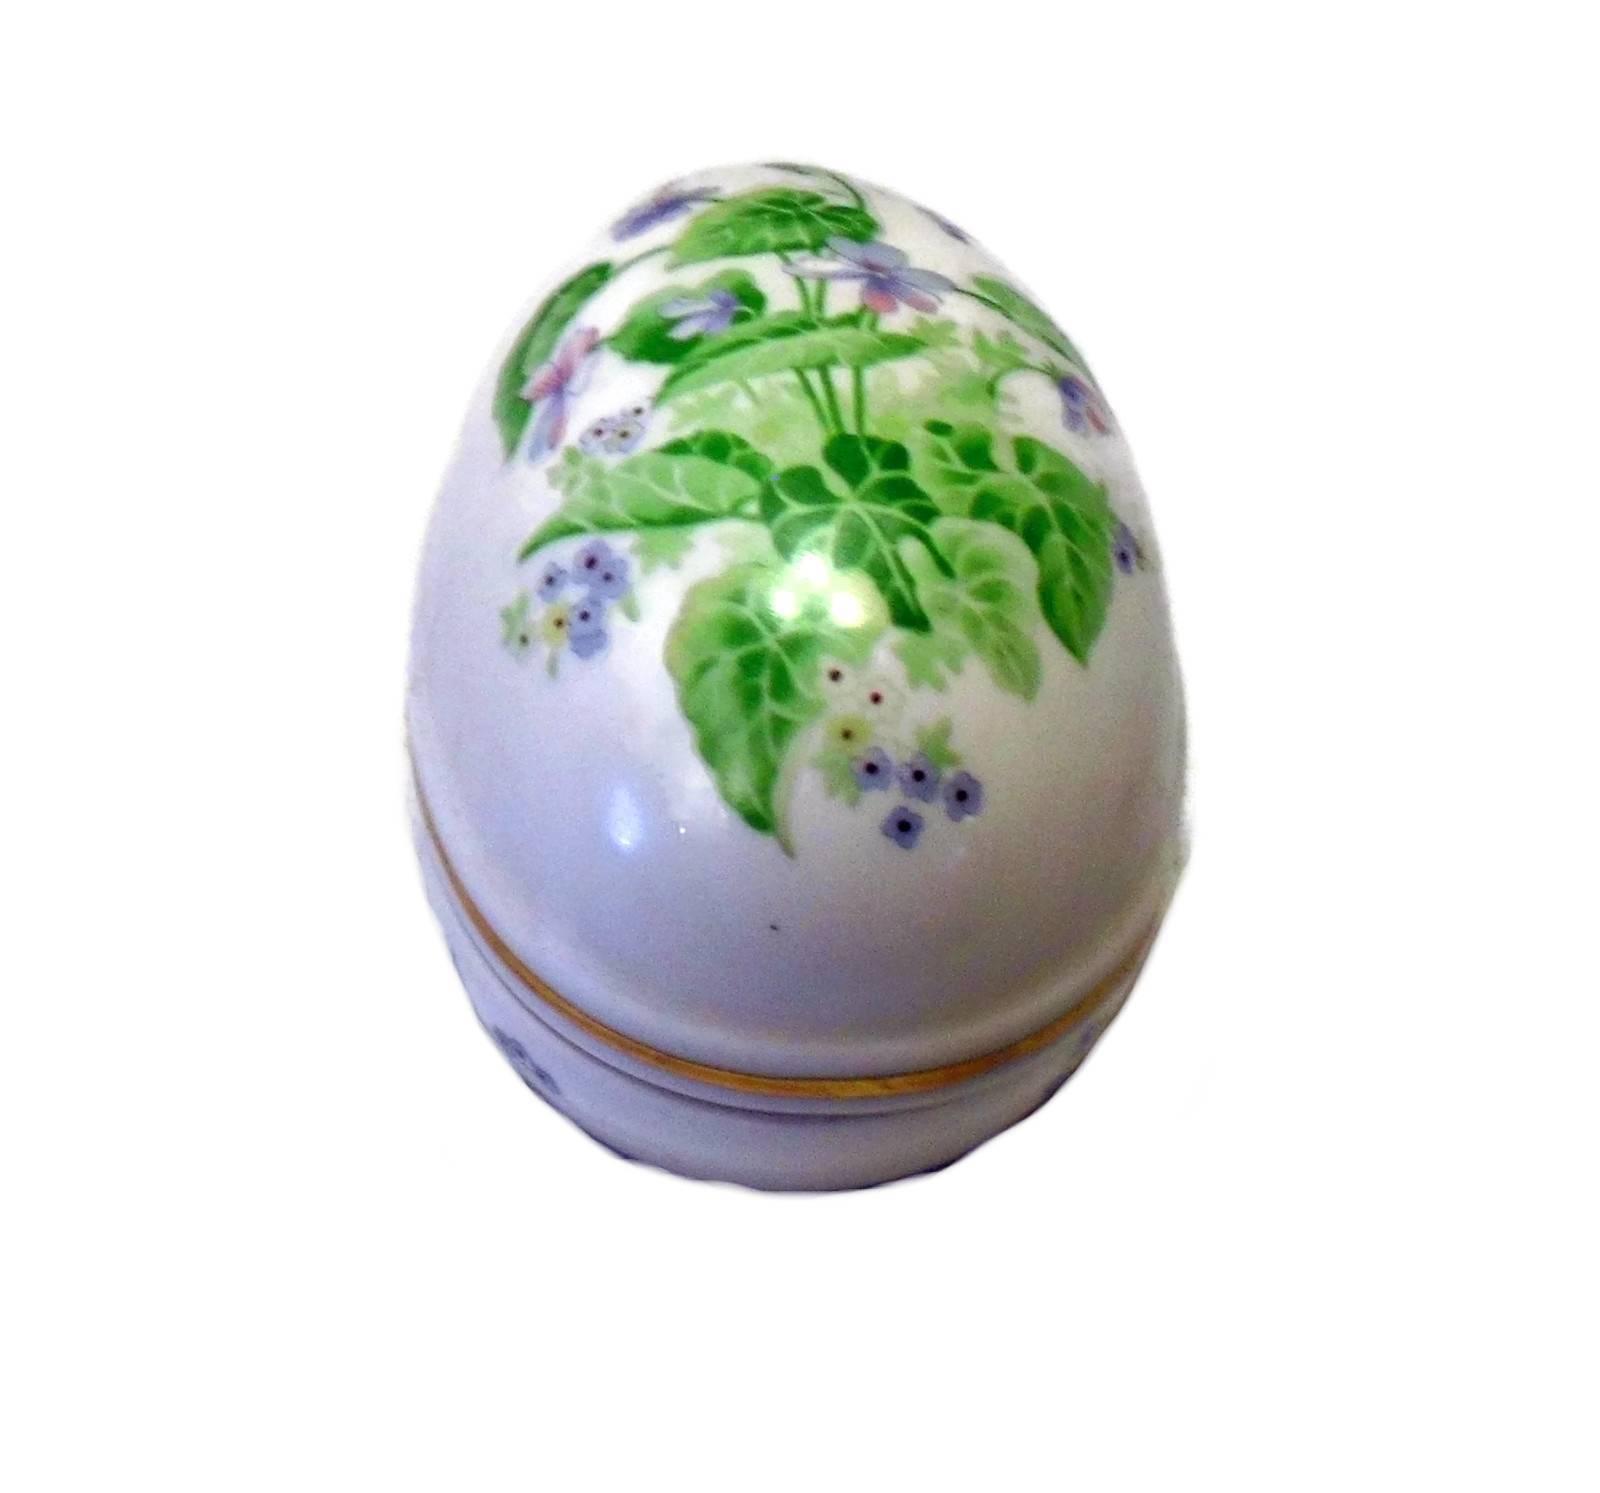 Vintage Japan Porcelain Painted Egg Trinket Box